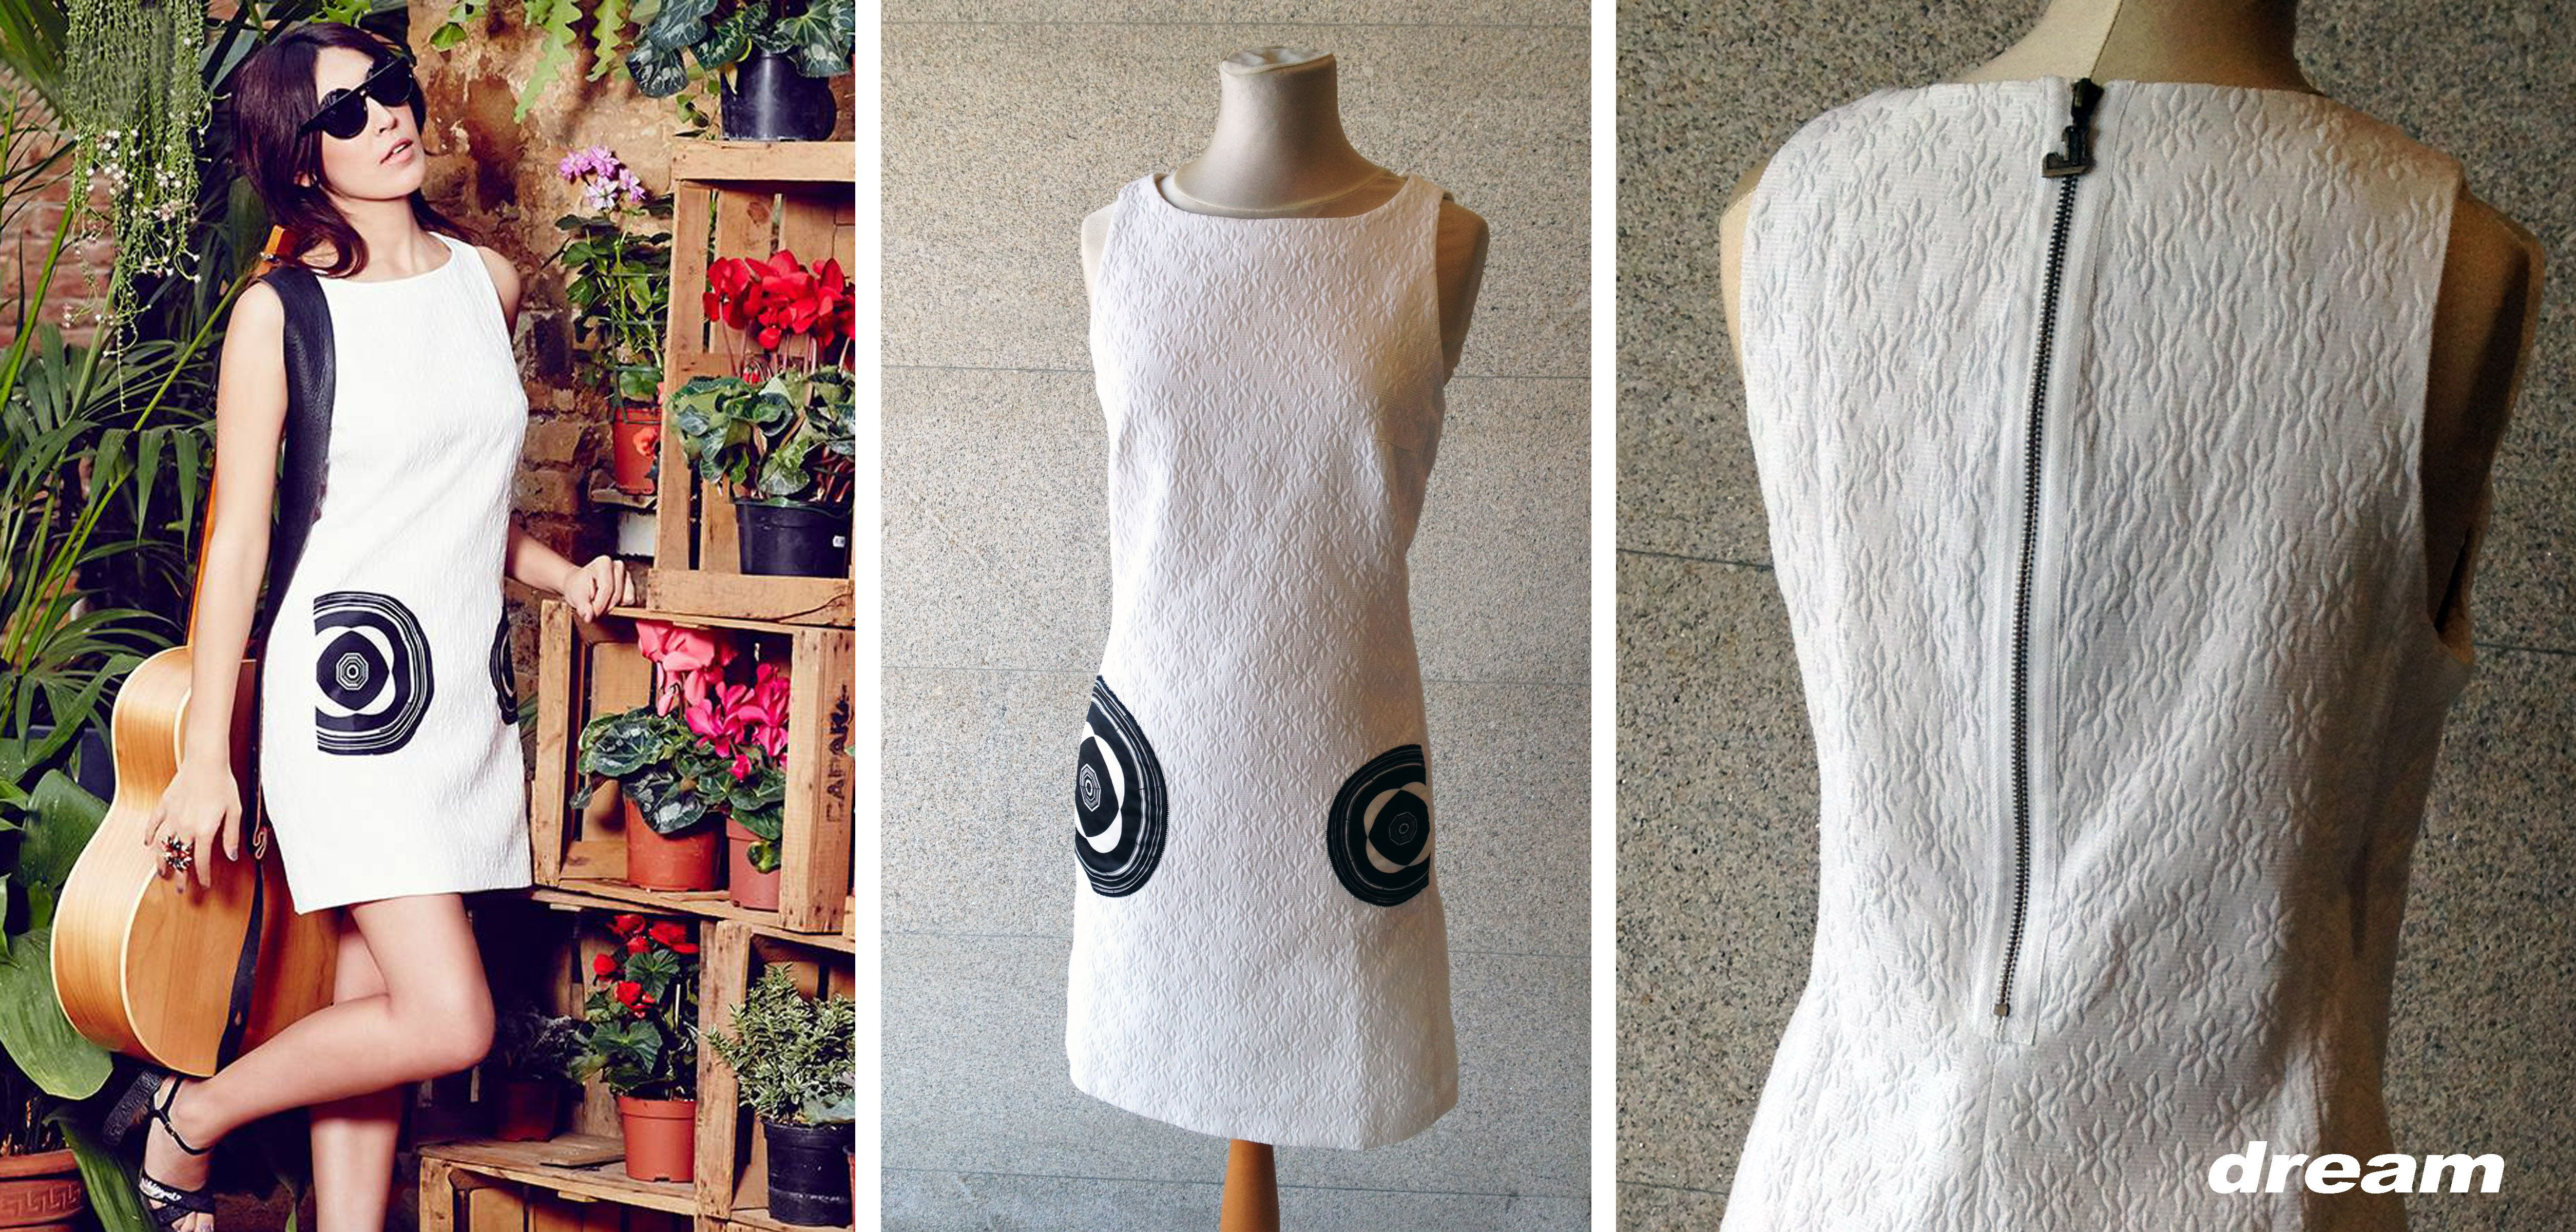 En el top 10 de las tendencias para este verano: un vestido blanco.  En tienda este modelo de corte sencillo donde lo más especial es el tejido: con cuerpo y pequeño relieve.